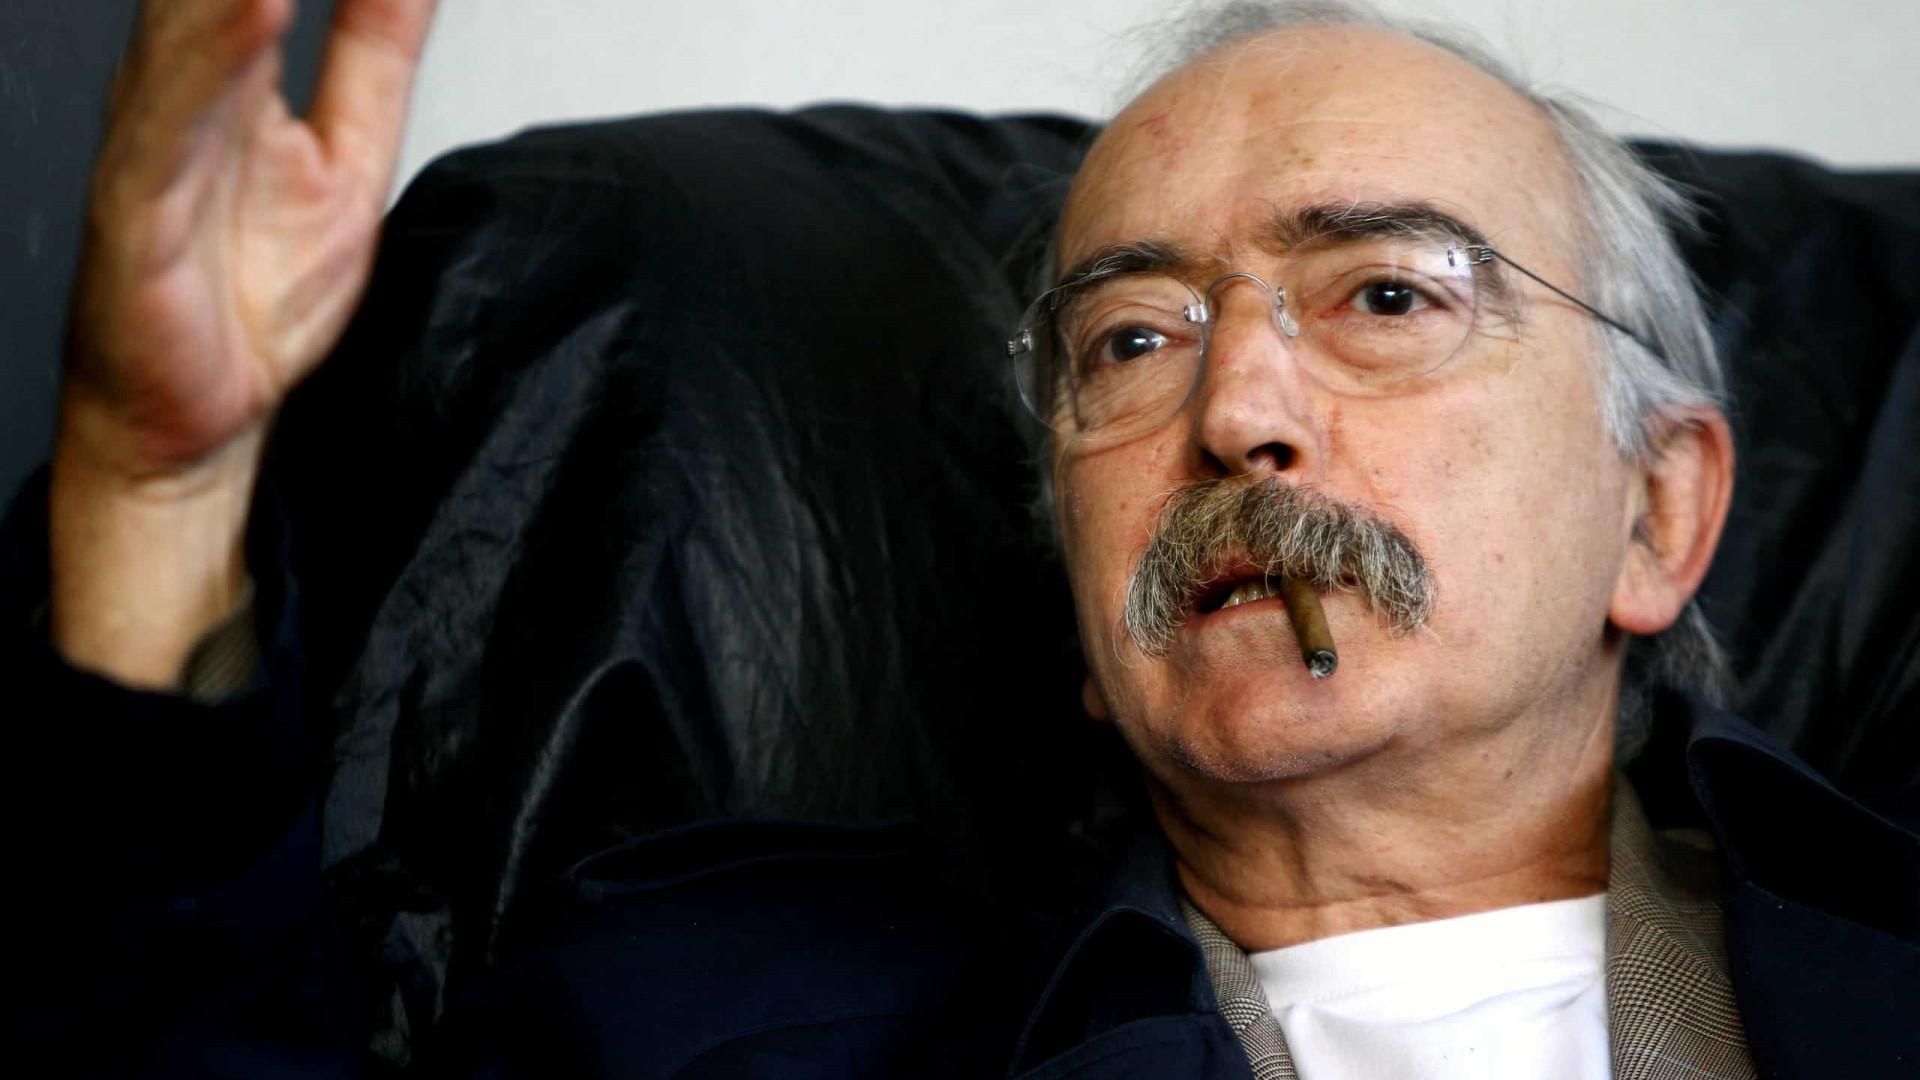 José Mário Branco. Exéquias a partir de 4.ª feira na Voz do Operário